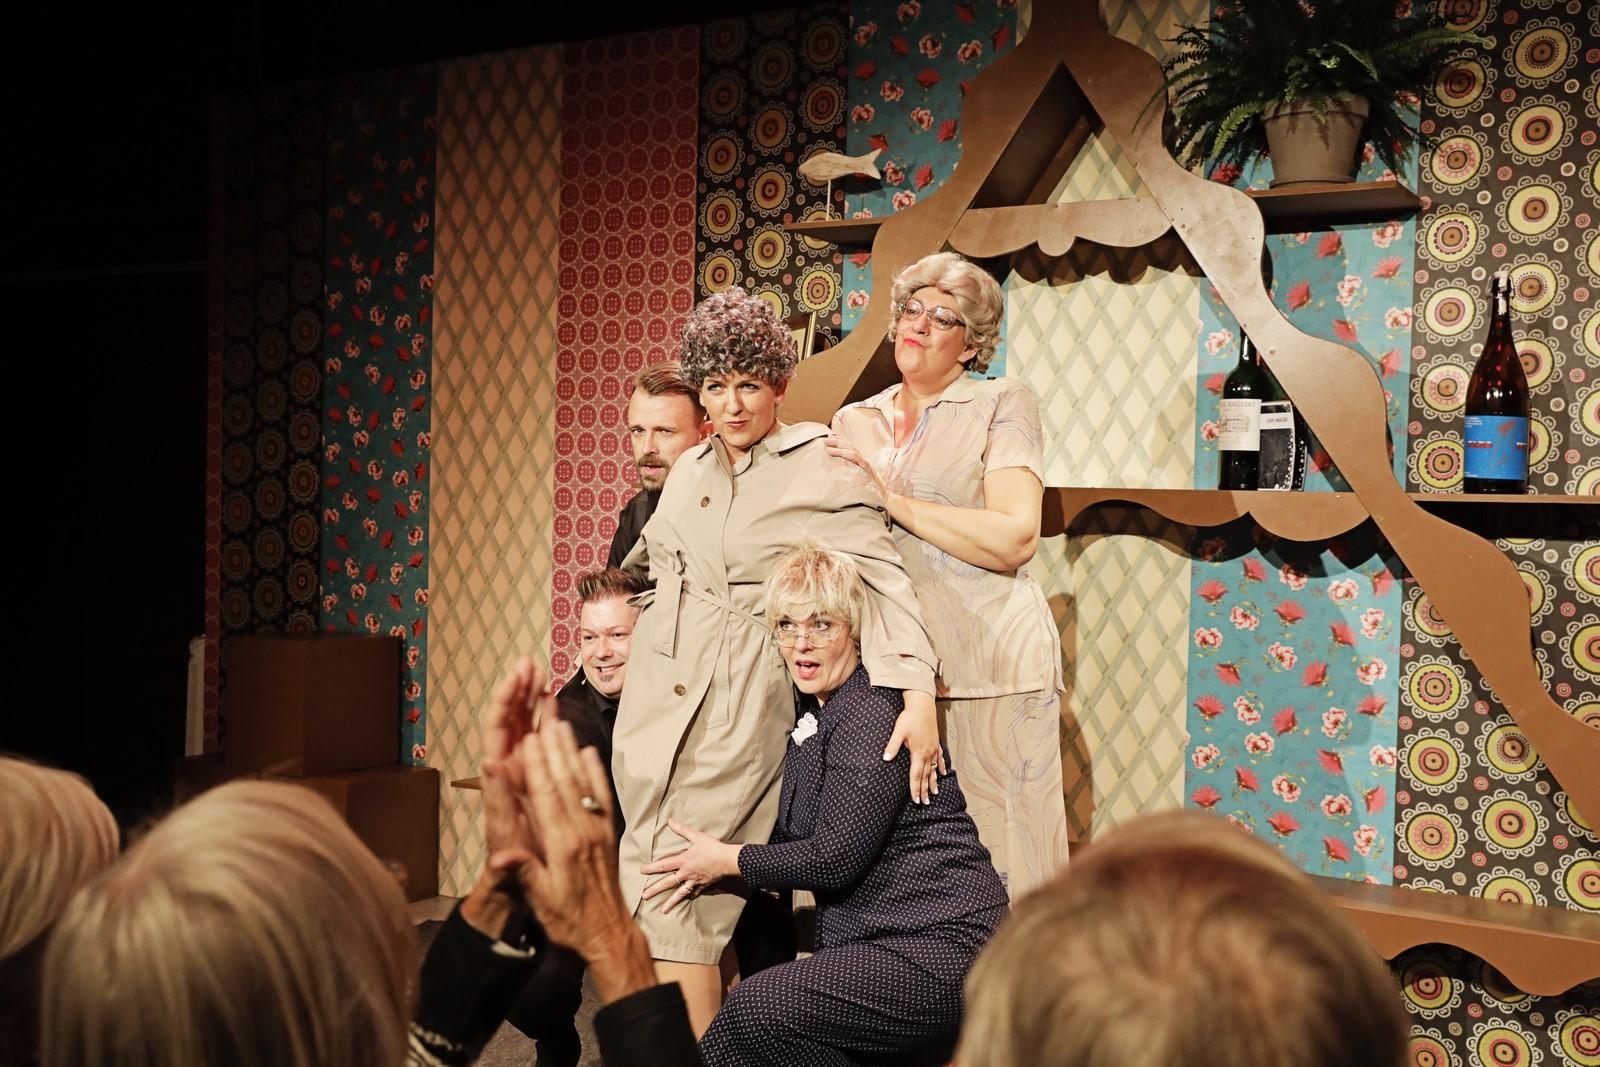 Anmeldelse: Amager Revyen 2019, Teater Play